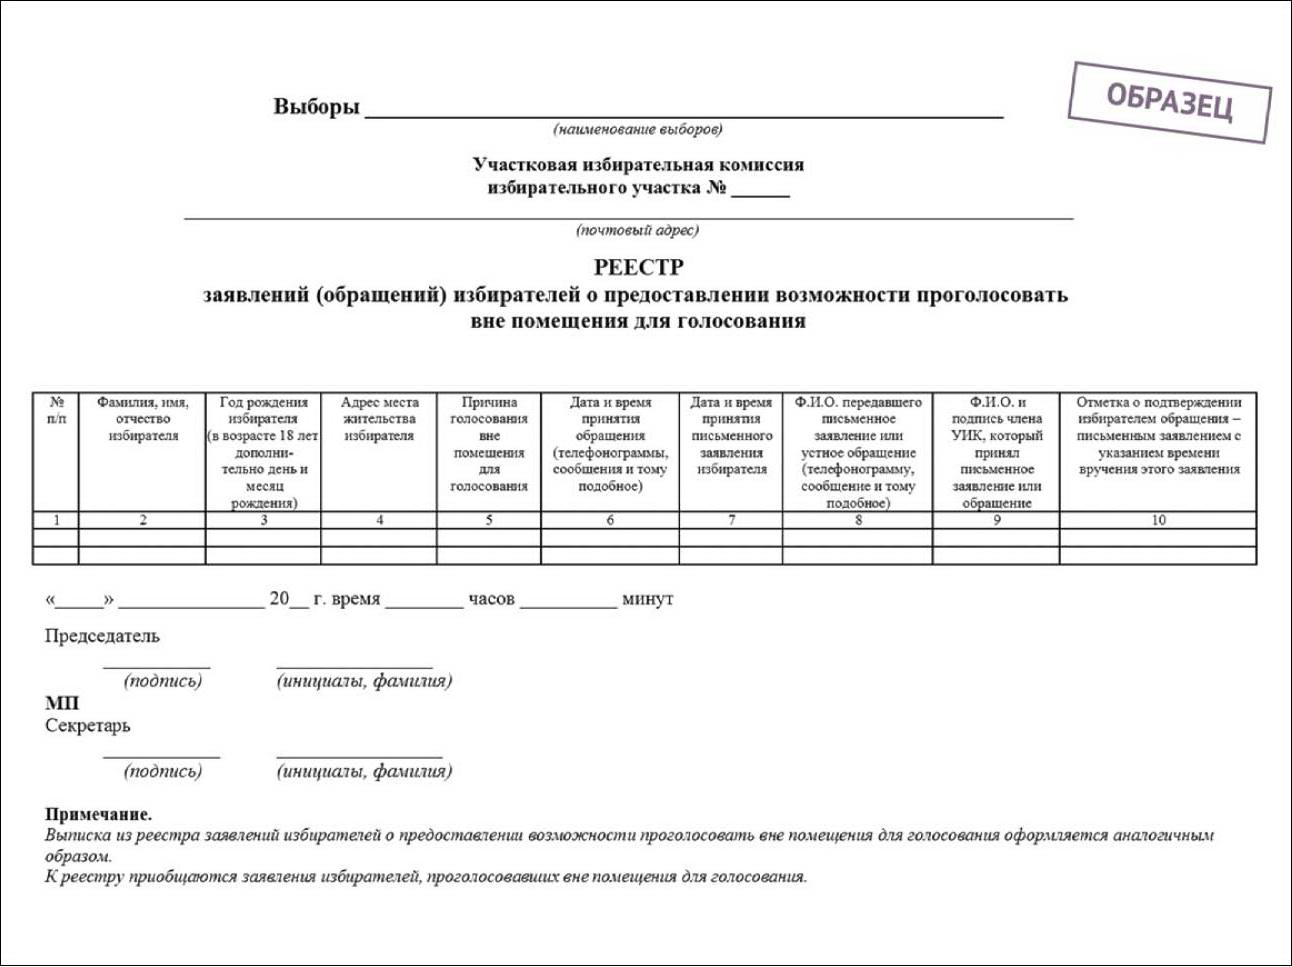 бланк заявления о предоставлении выписки из реестра